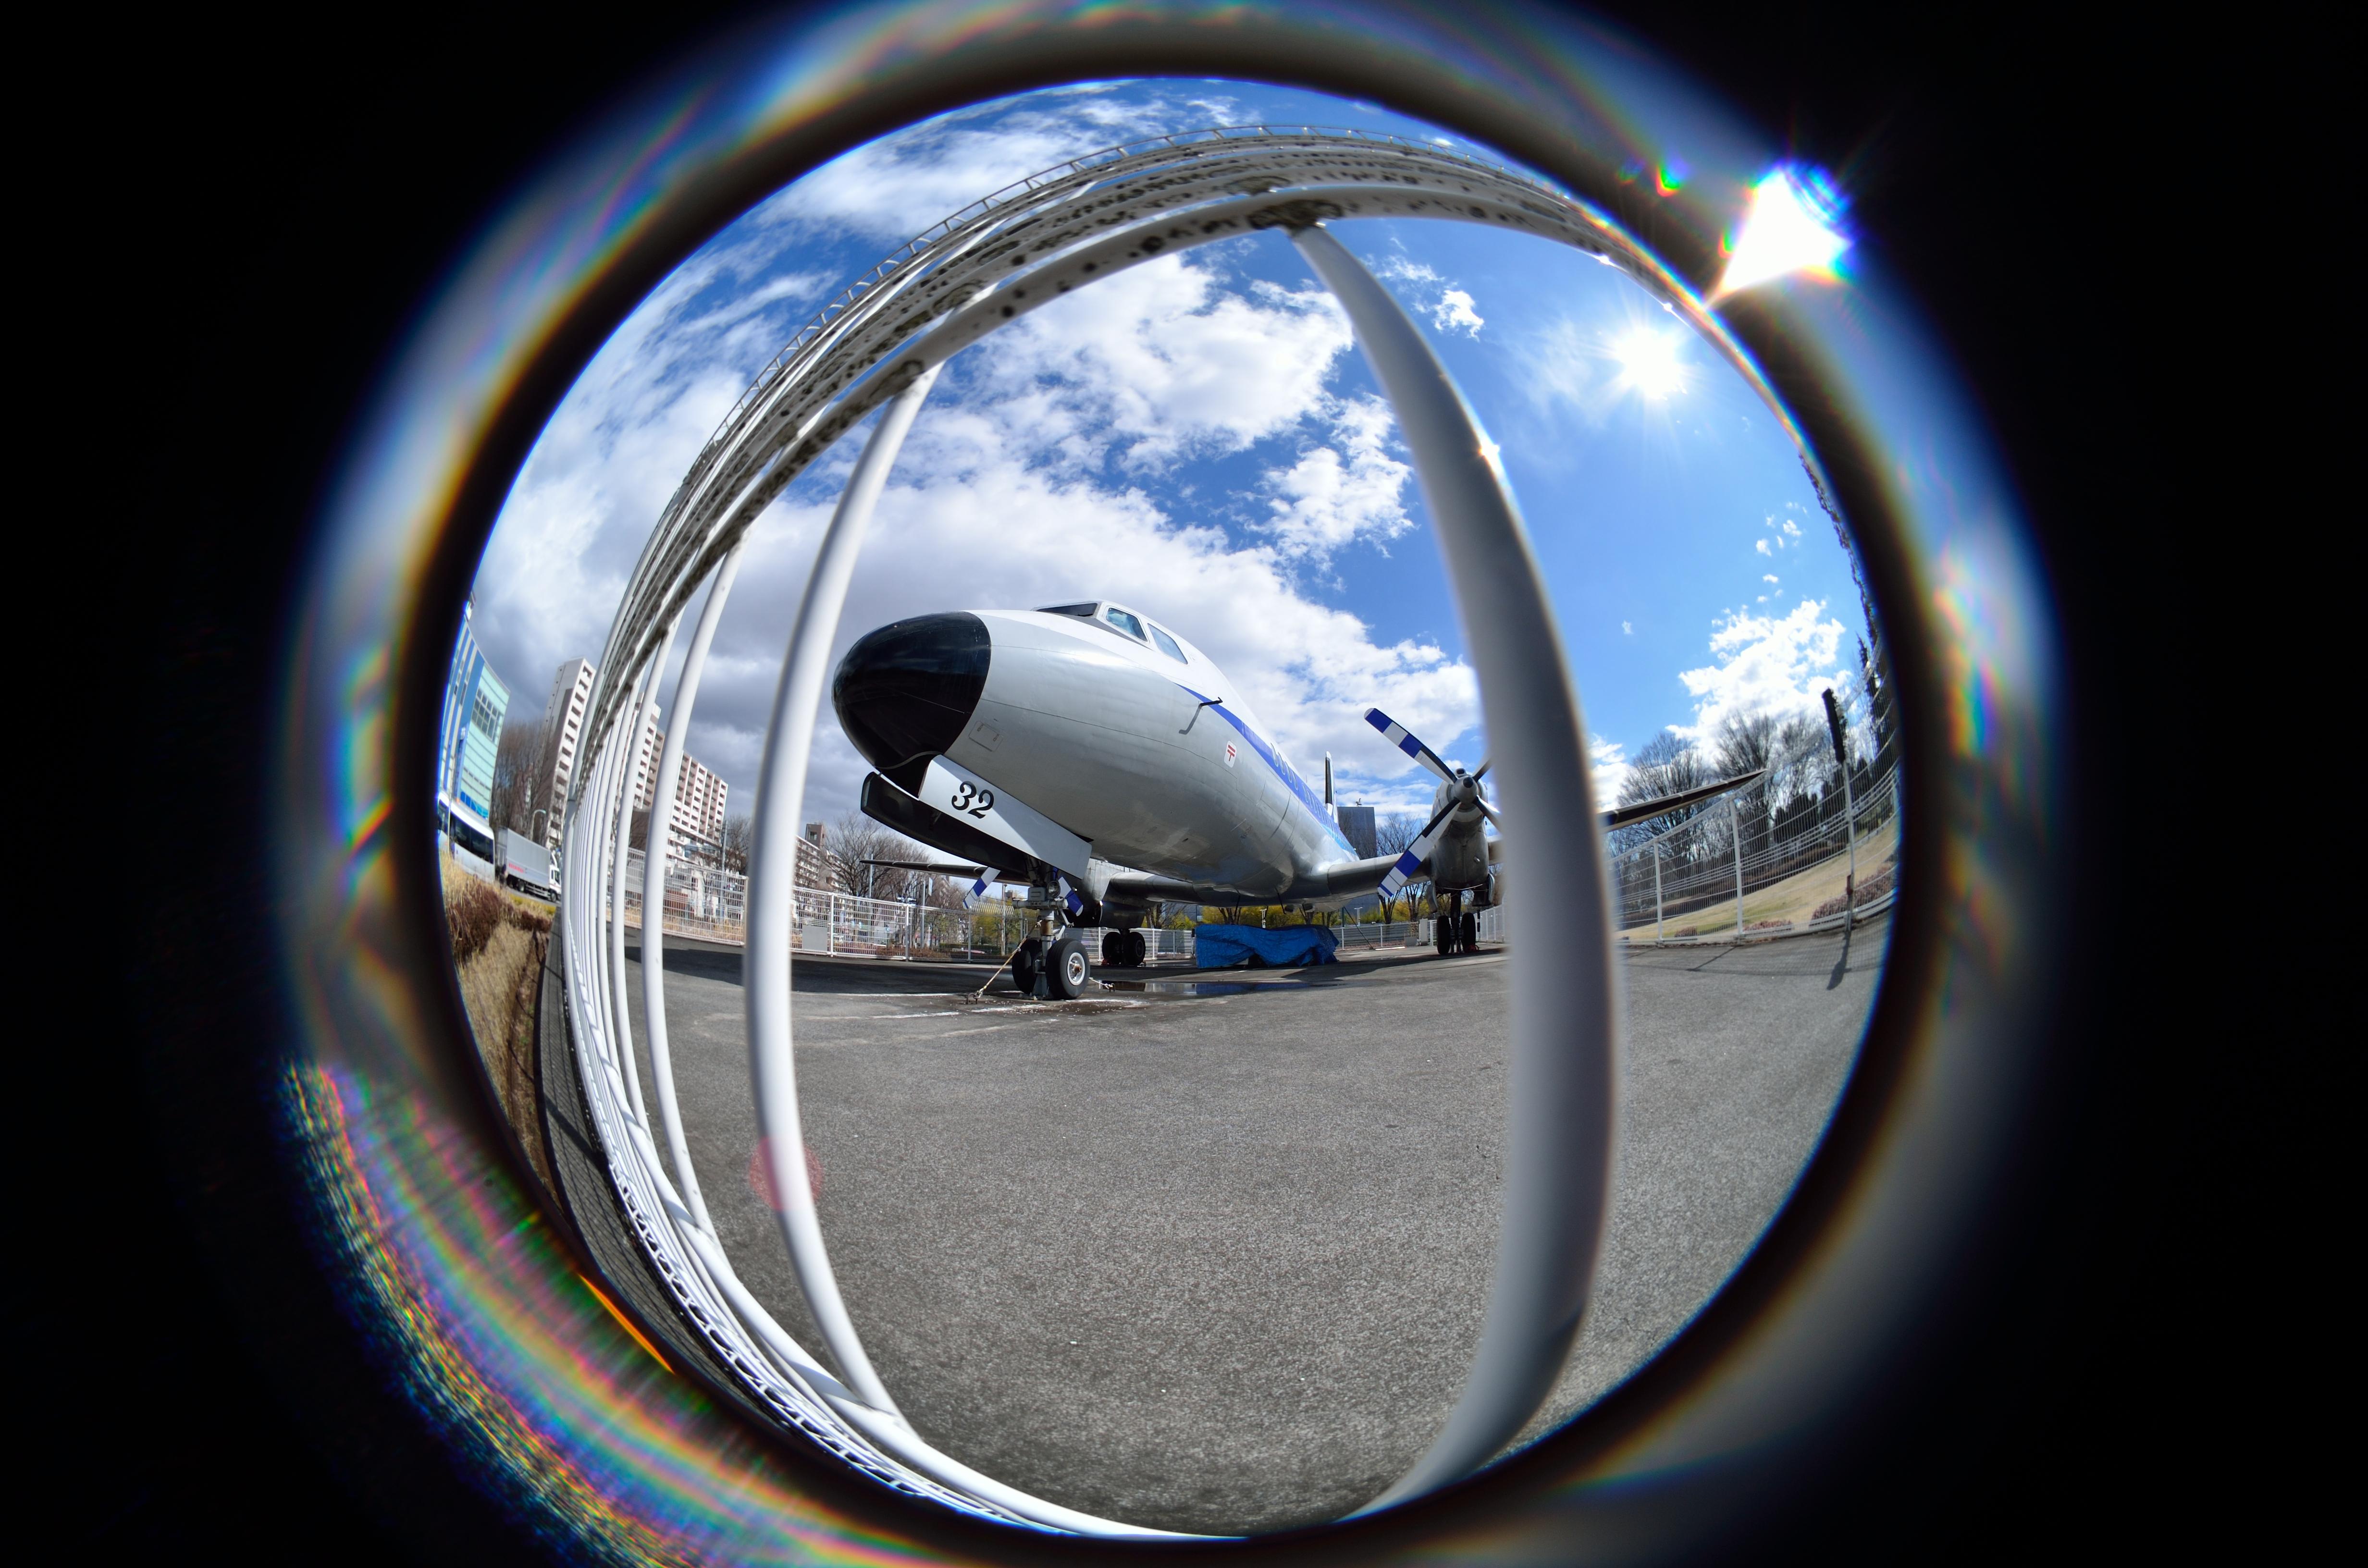 金網の接するぎりぎりで撮っても、機体を画面に収めることができるのは、画角183度の威力